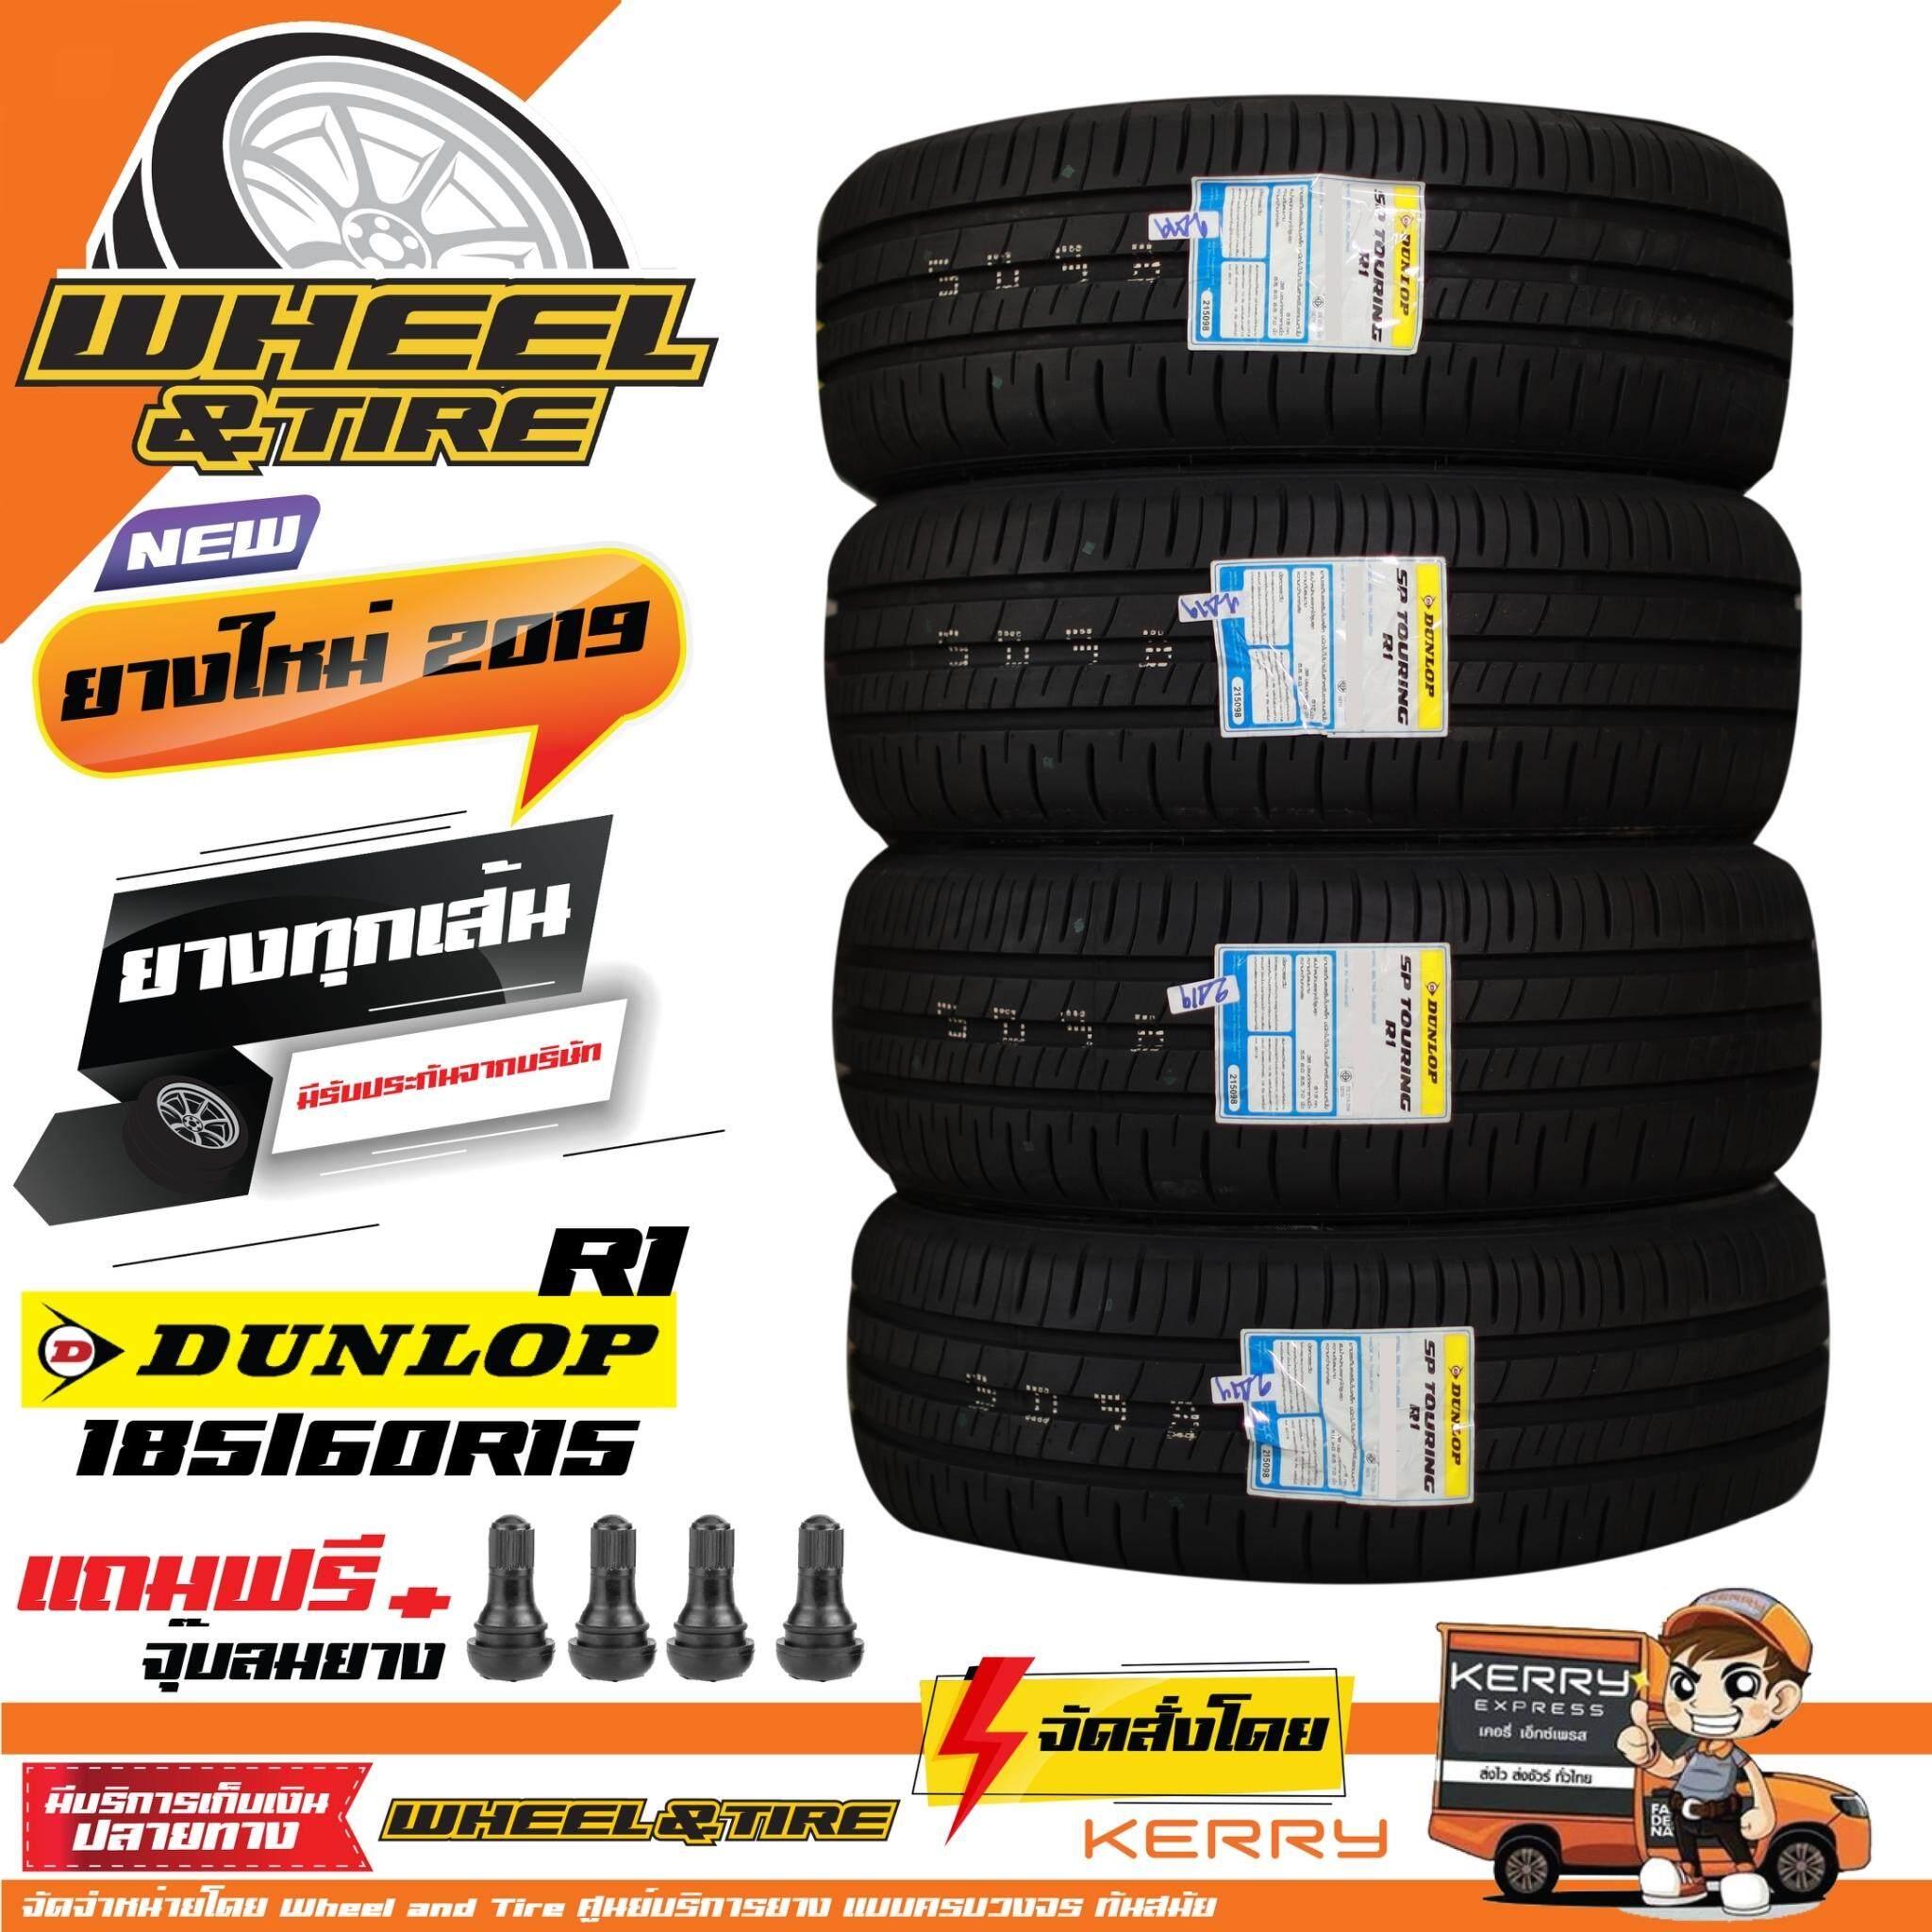 ฉะเชิงเทรา Dunlop ยางรถยนต์  185/60R15 รุ่น SP Touring R1  จำนวน 4 เส้น ยางใหม่ปี 2019 แถมฟรี จุ๊บลมยาง  4 ชิ้น